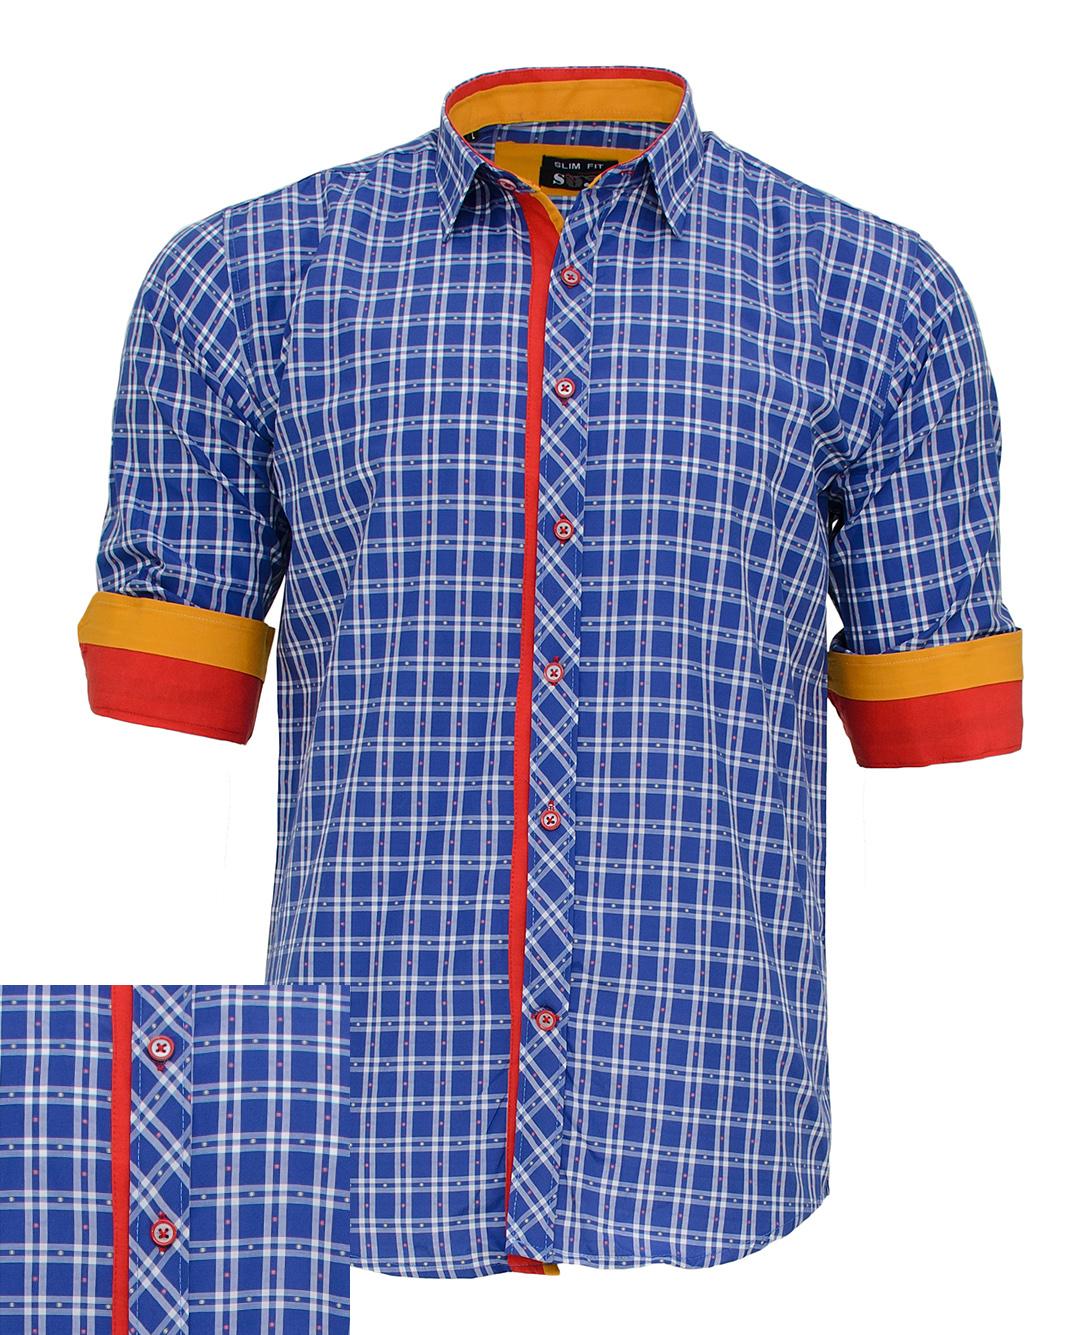 Ανδρικό Πουκάμισο So Fashion Καρώ Blue-Μπλε αρχική ανδρικά ρούχα πουκάμισα